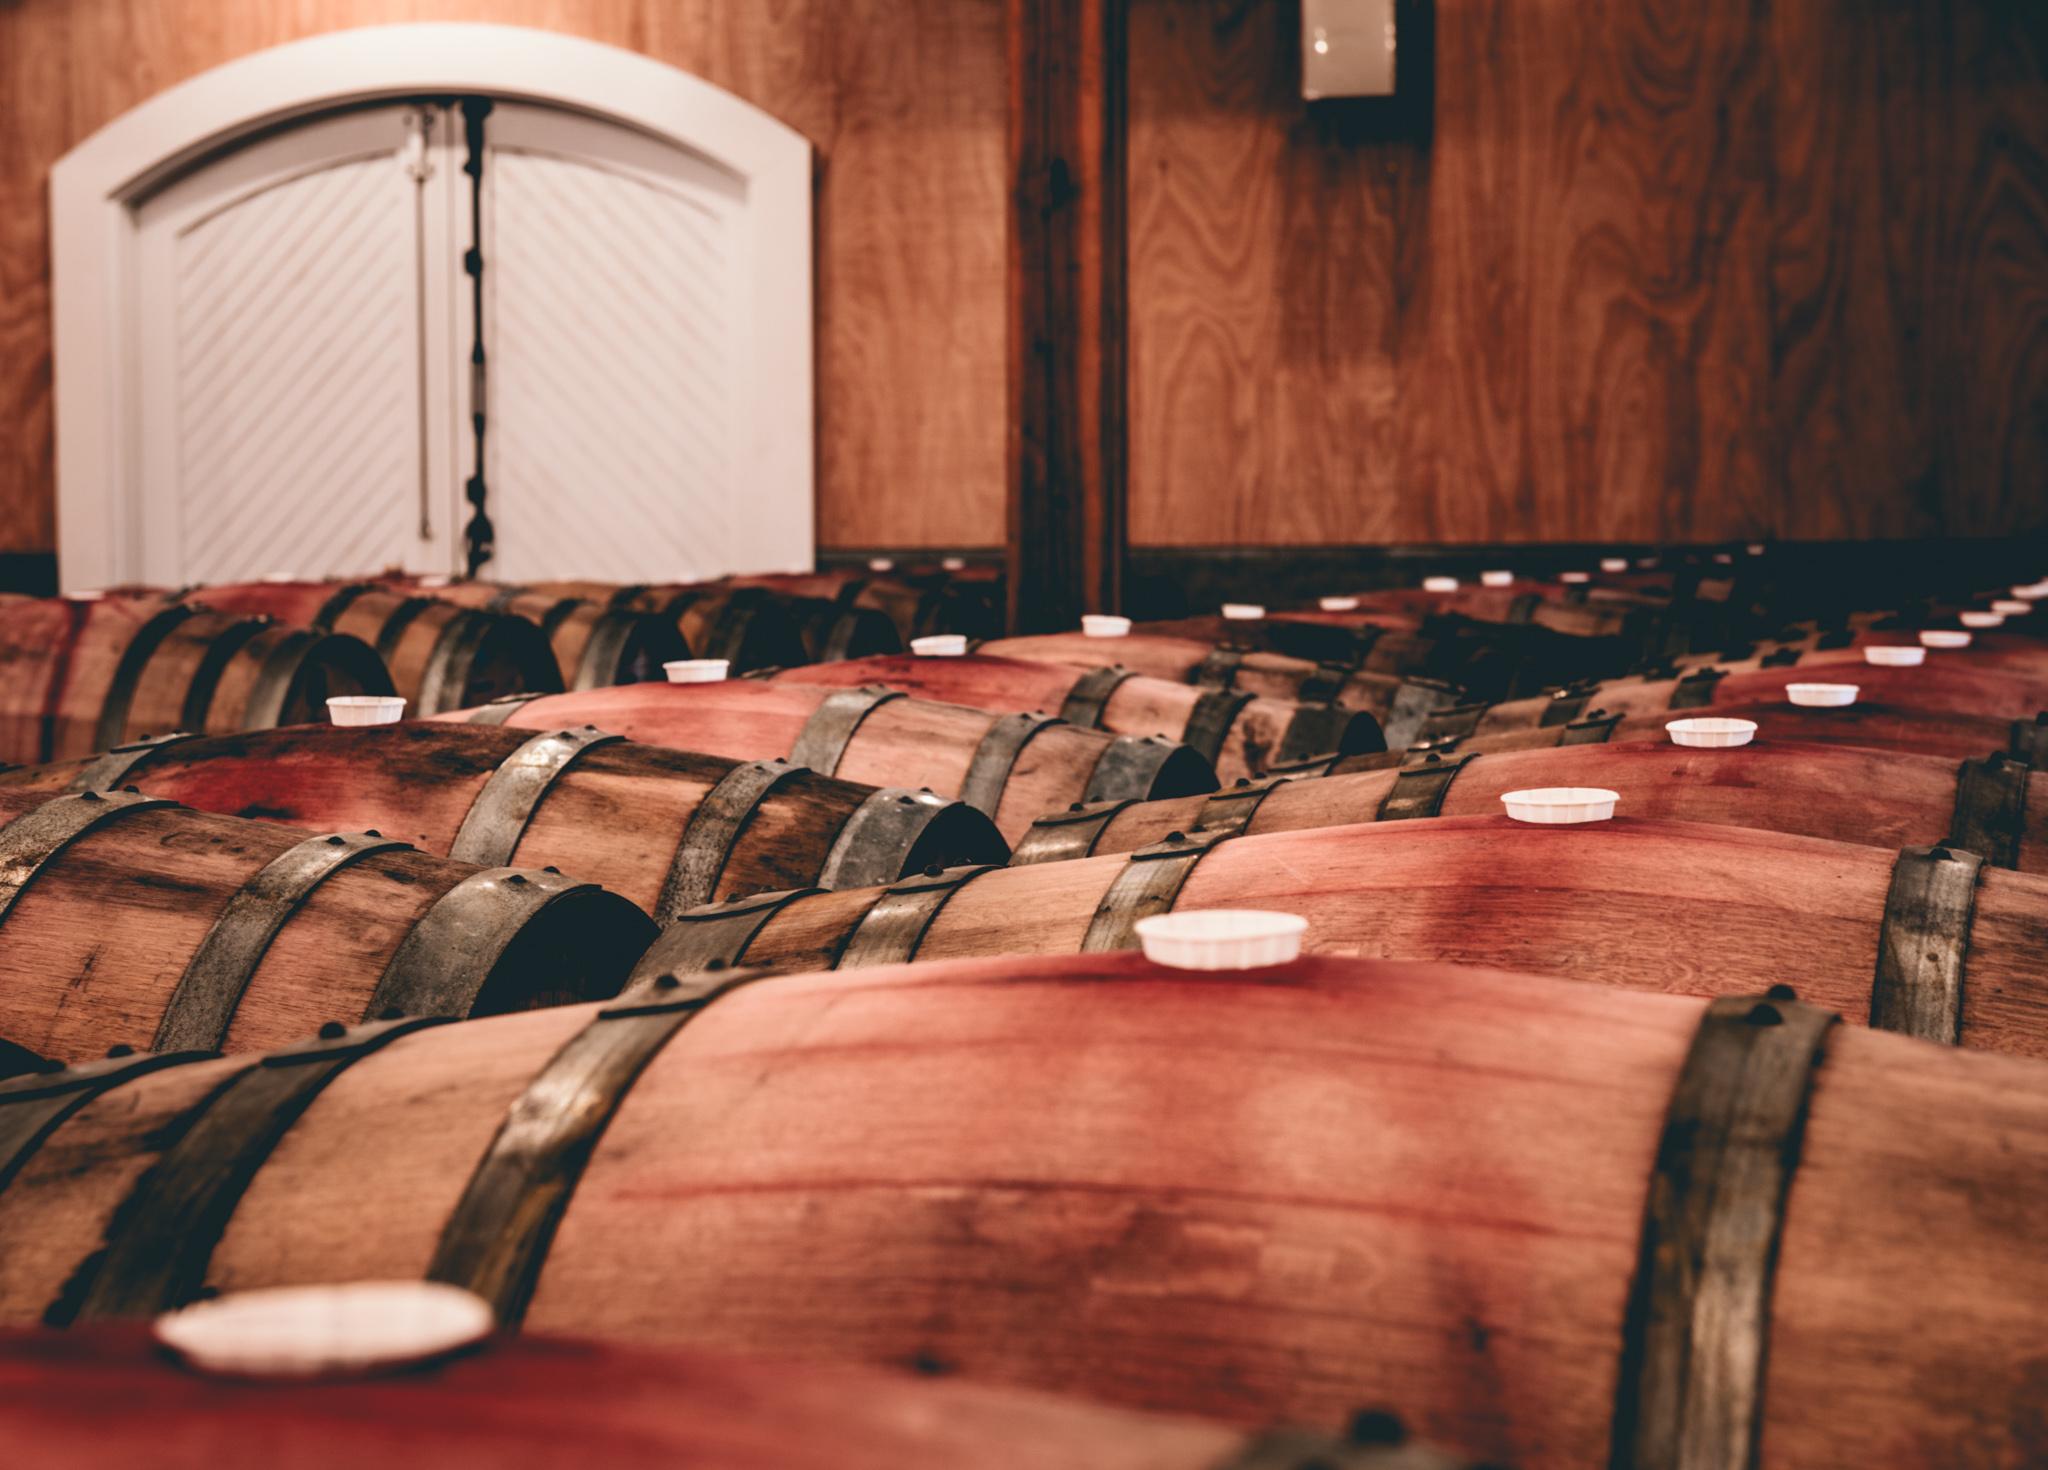 California : Napa Valley : Corison Winery in St. Helena